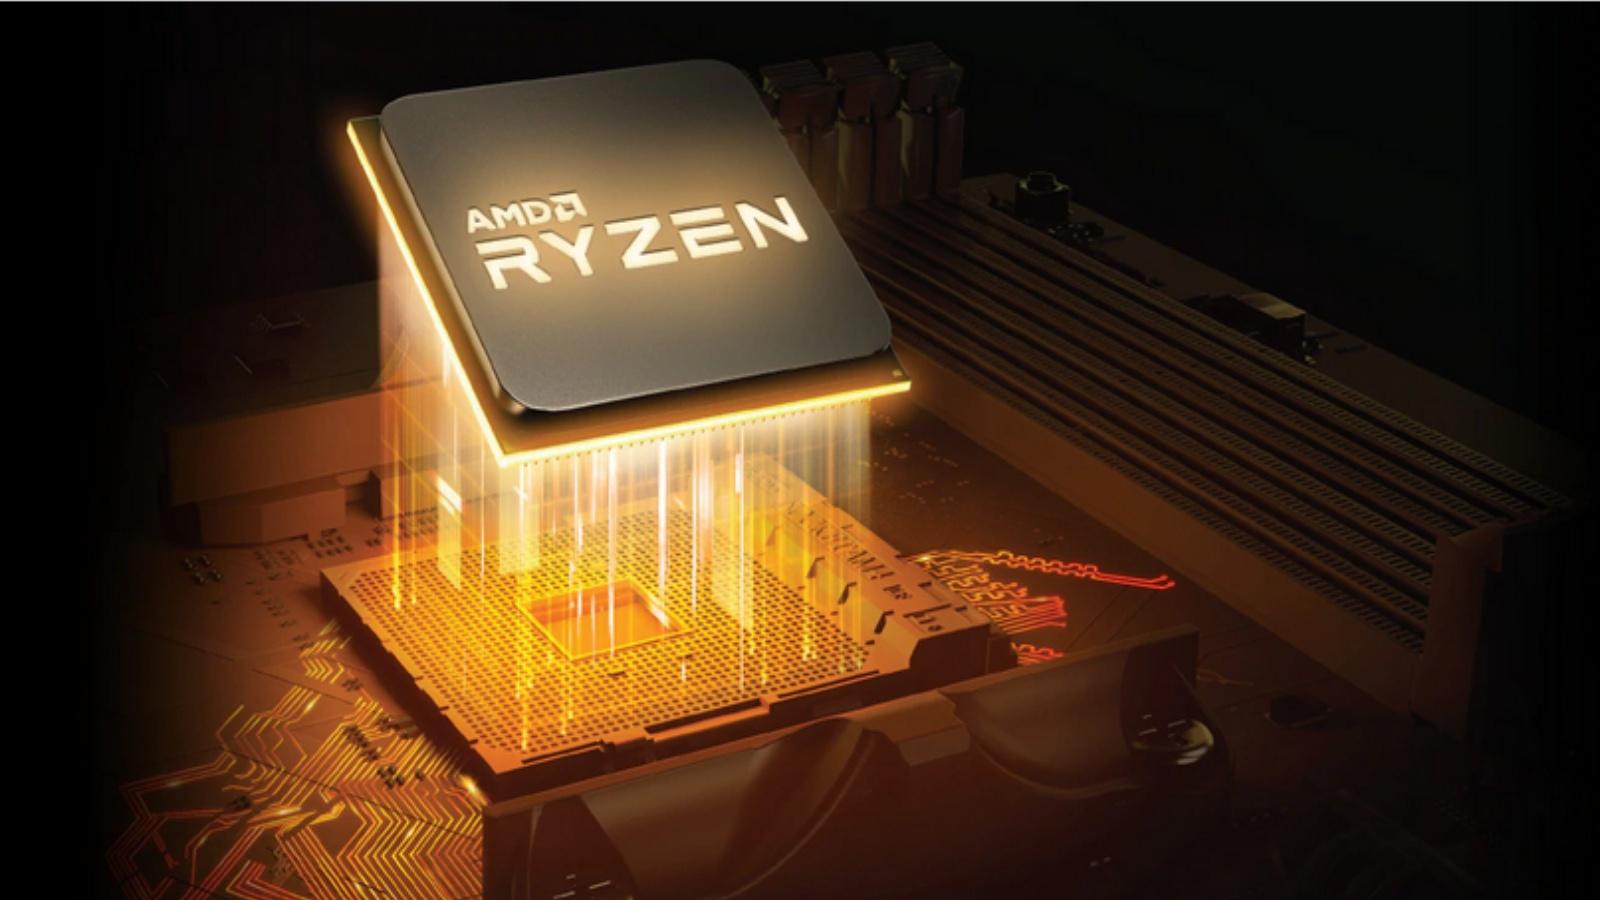 AMD stellt neue B550-Mainboards als günstige Alternative zu X570 vor